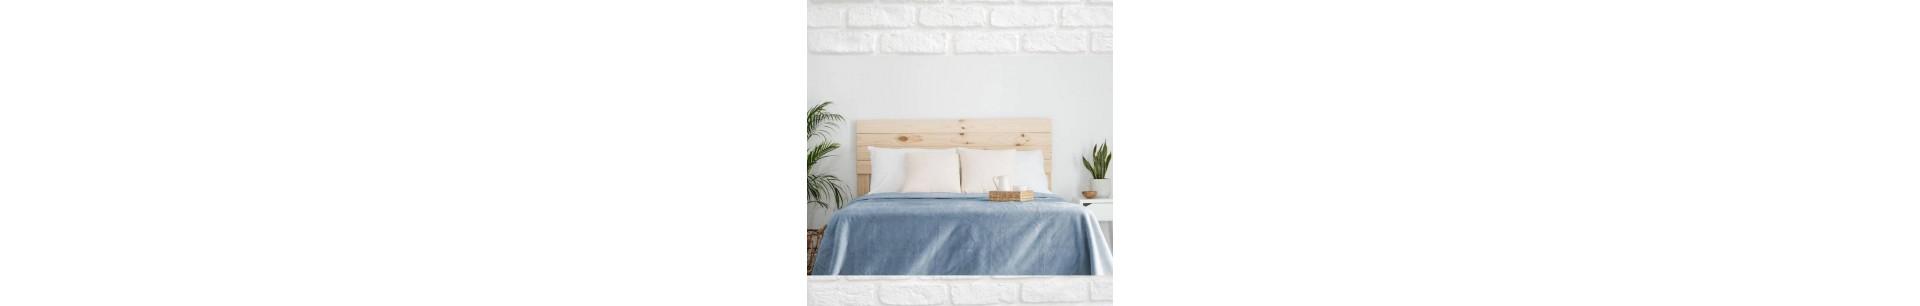 Mantas para cama   Tiendas Pavo